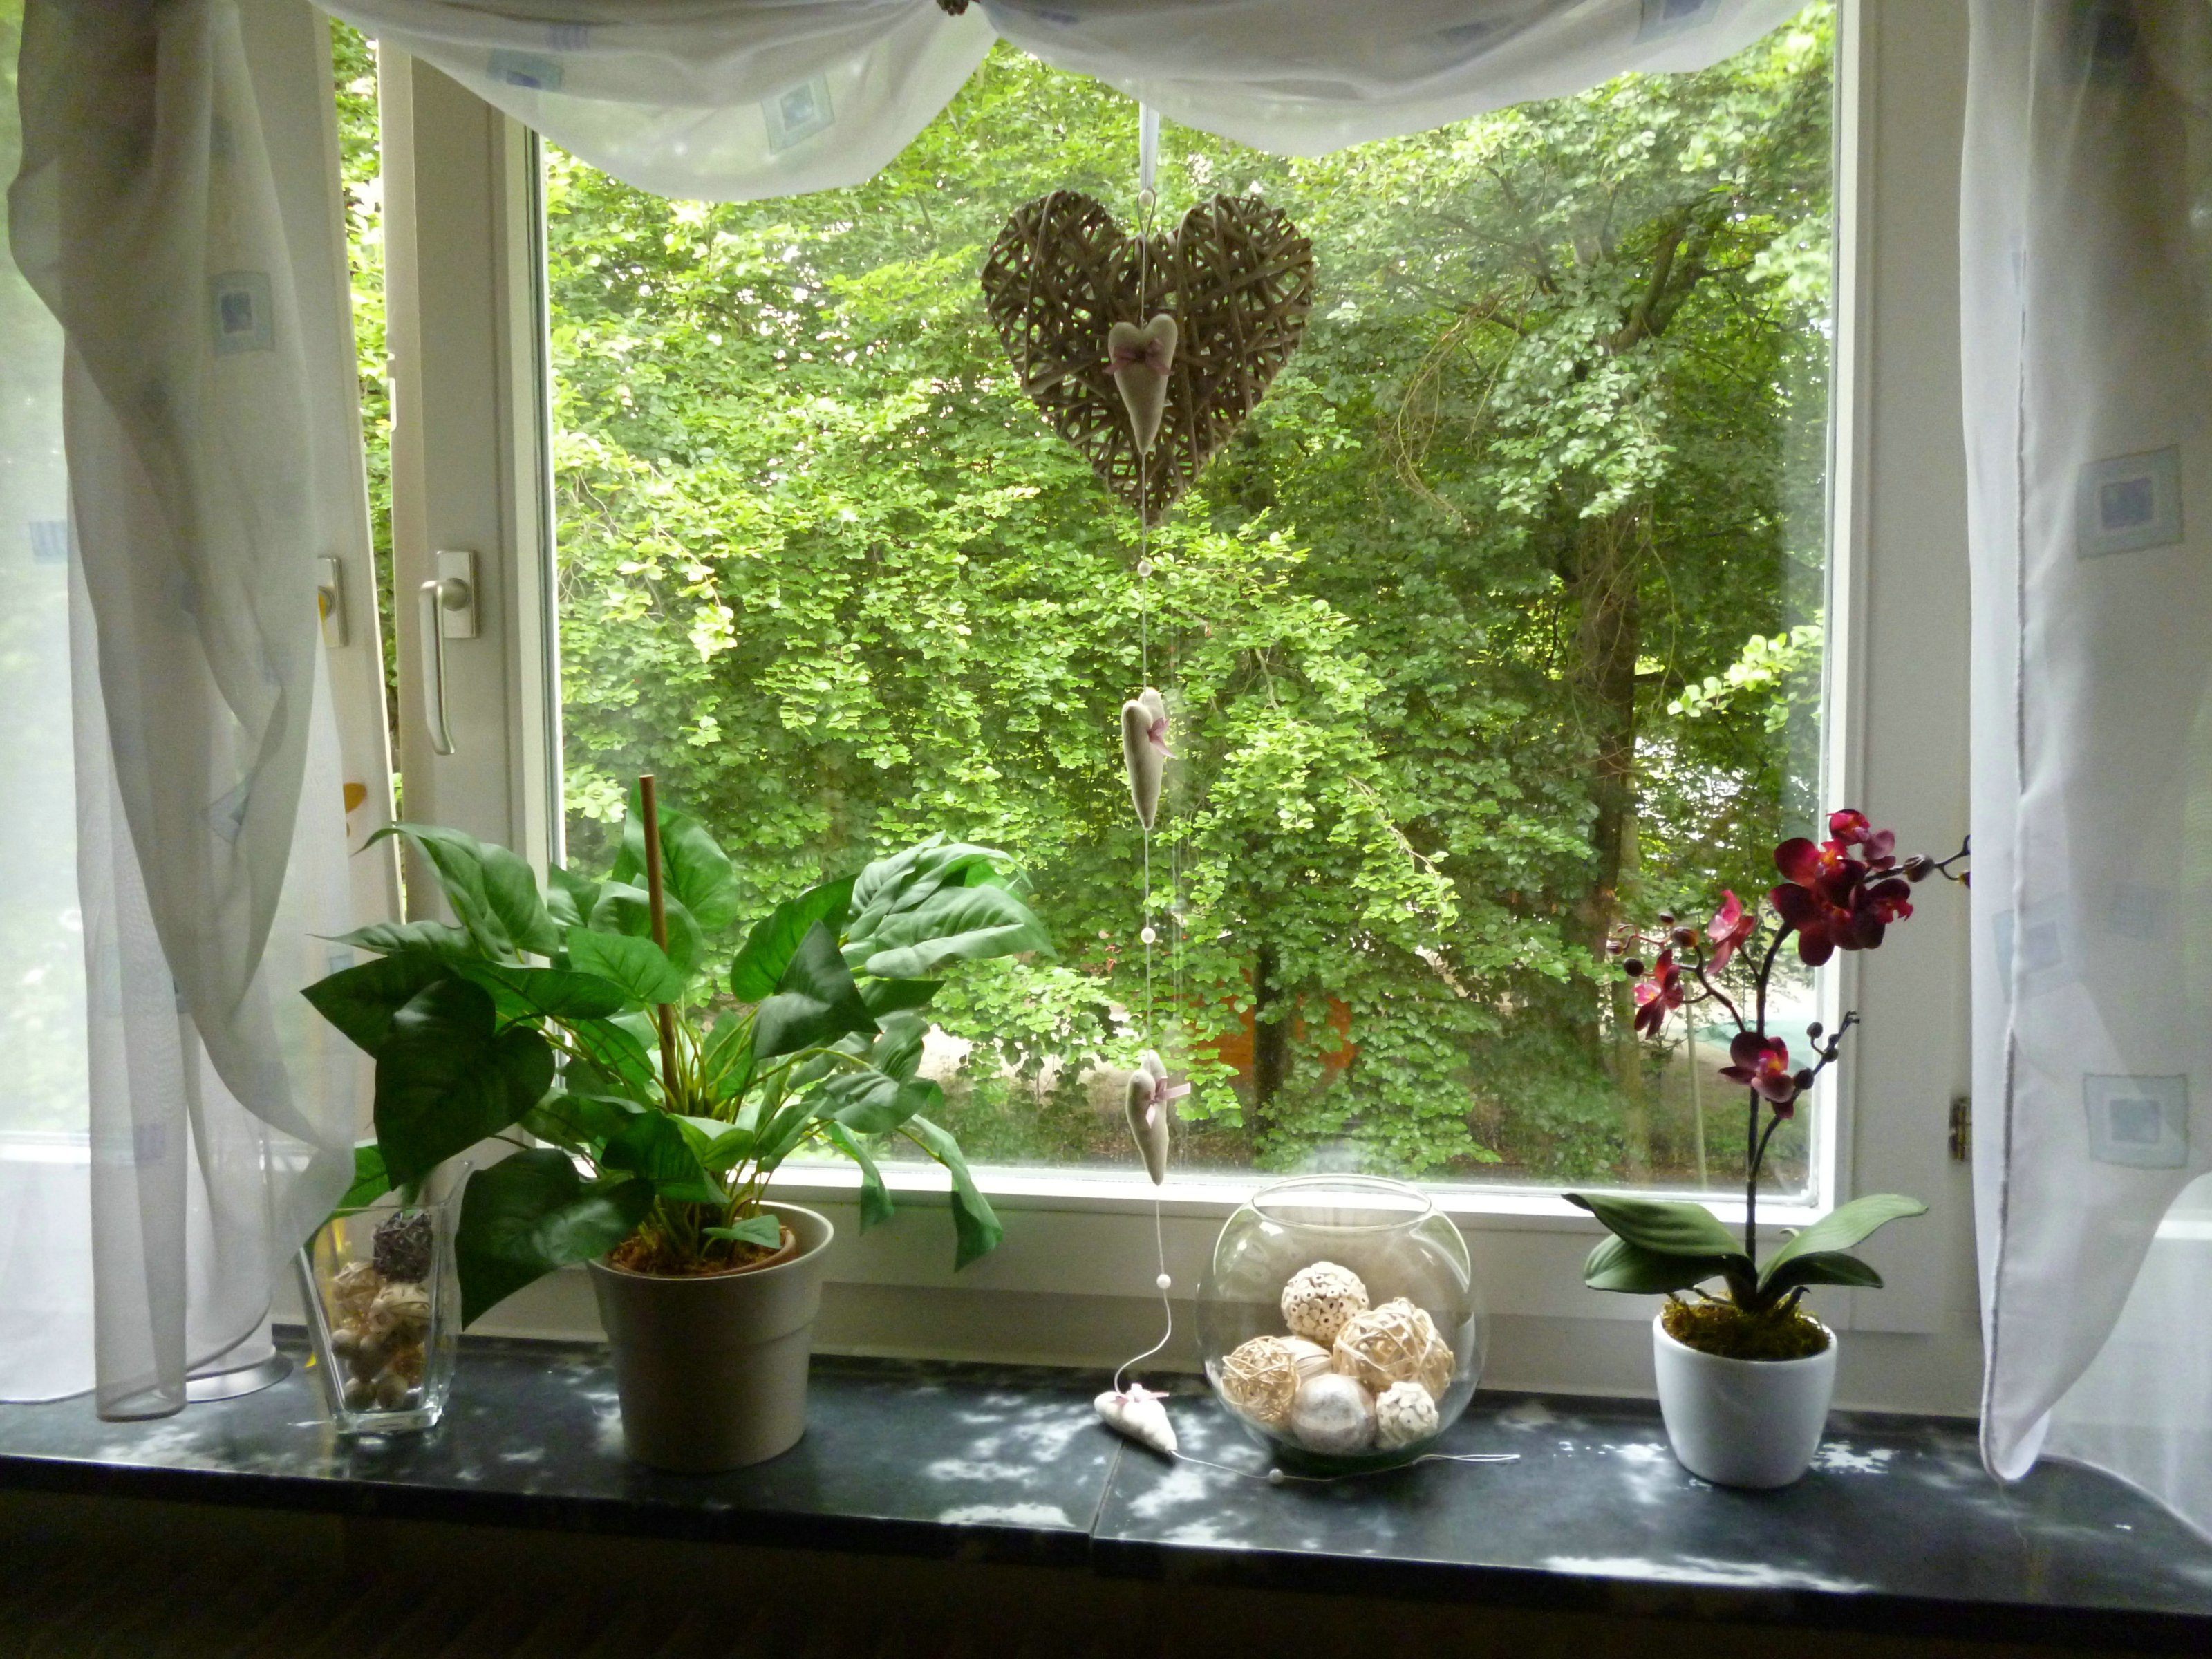 wohnzimmer unser gem tliches heim von rita80 32243. Black Bedroom Furniture Sets. Home Design Ideas